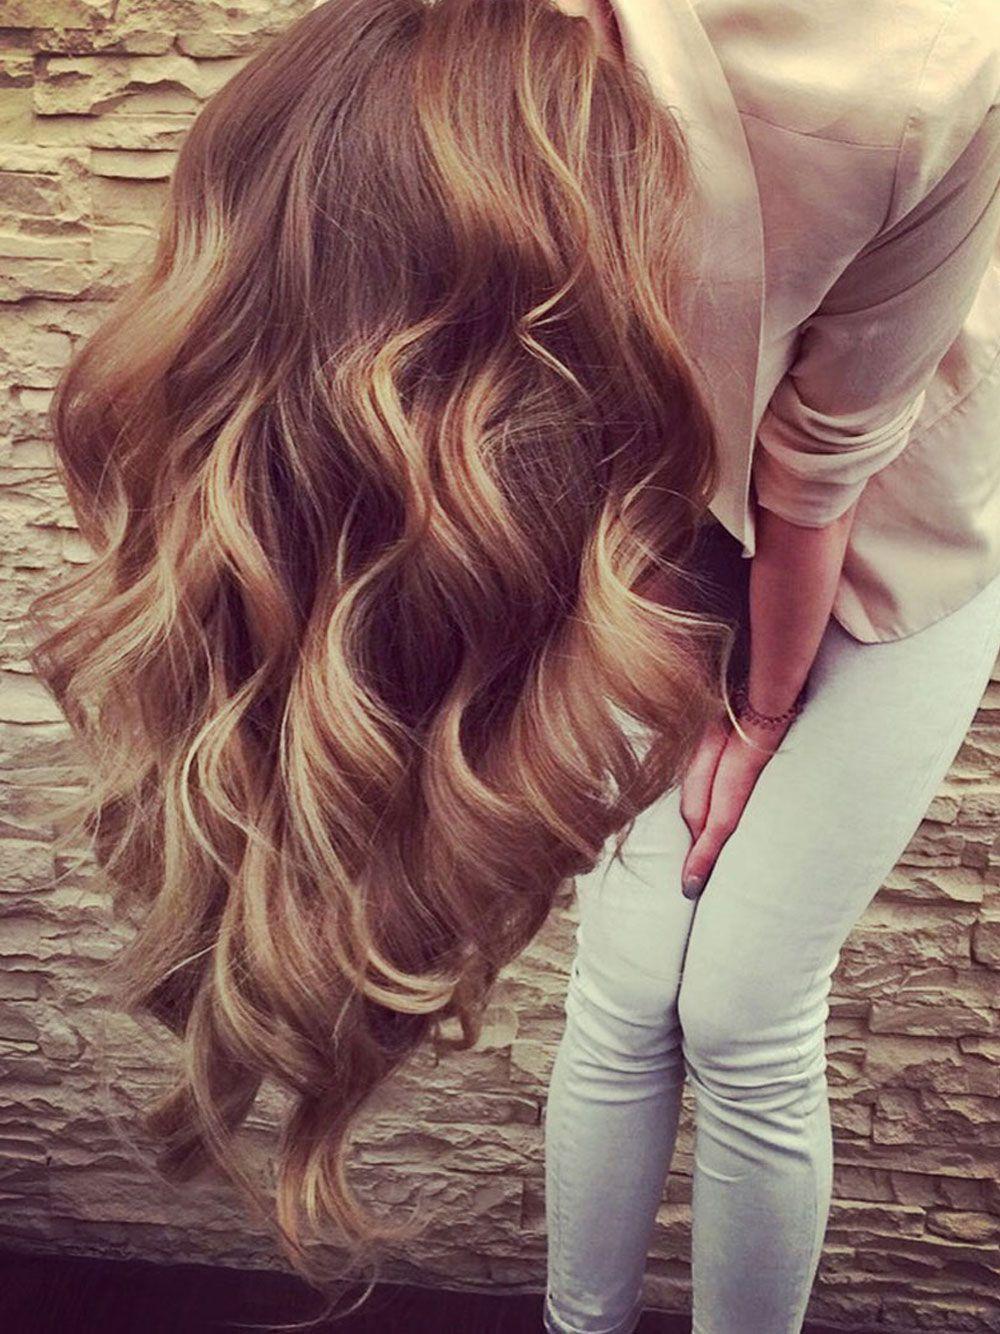 Balayage | Die schönsten Haarfarben | Haarfarben, Braune ...